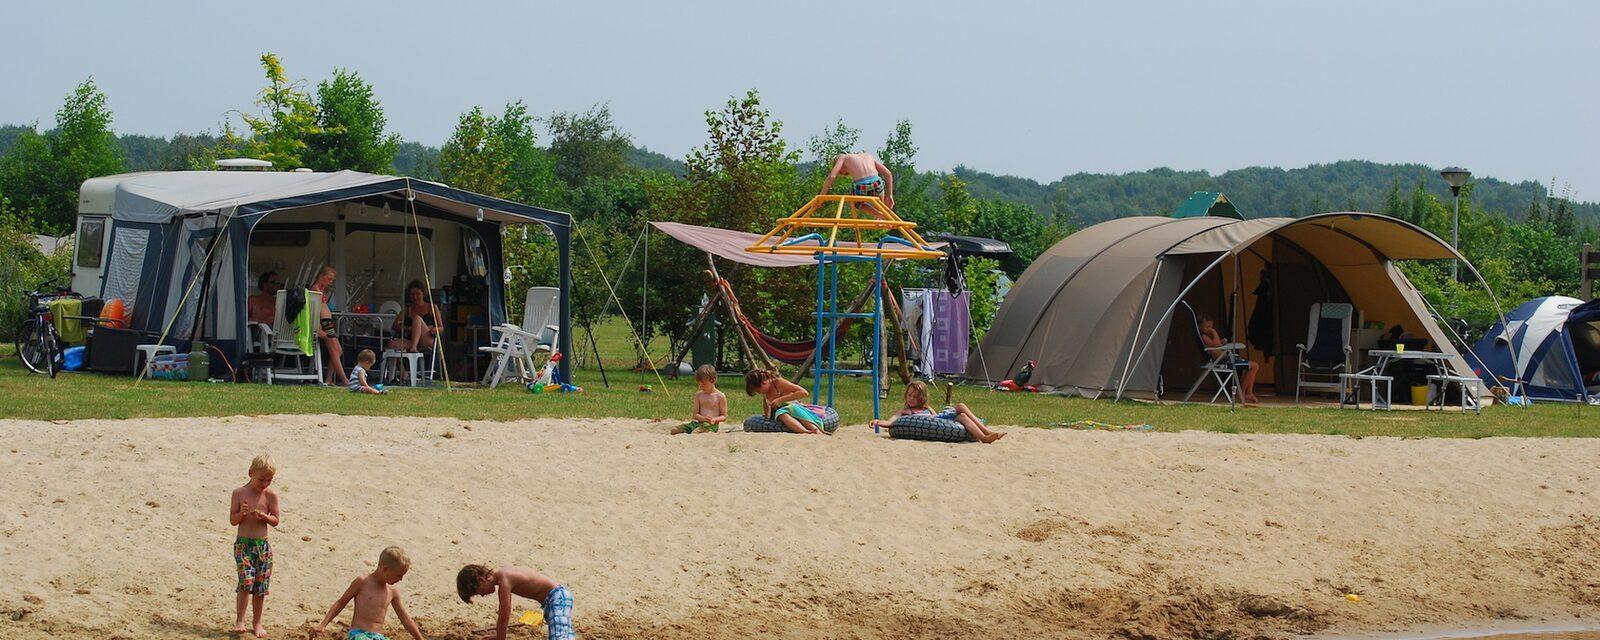 Camping de Klimberg